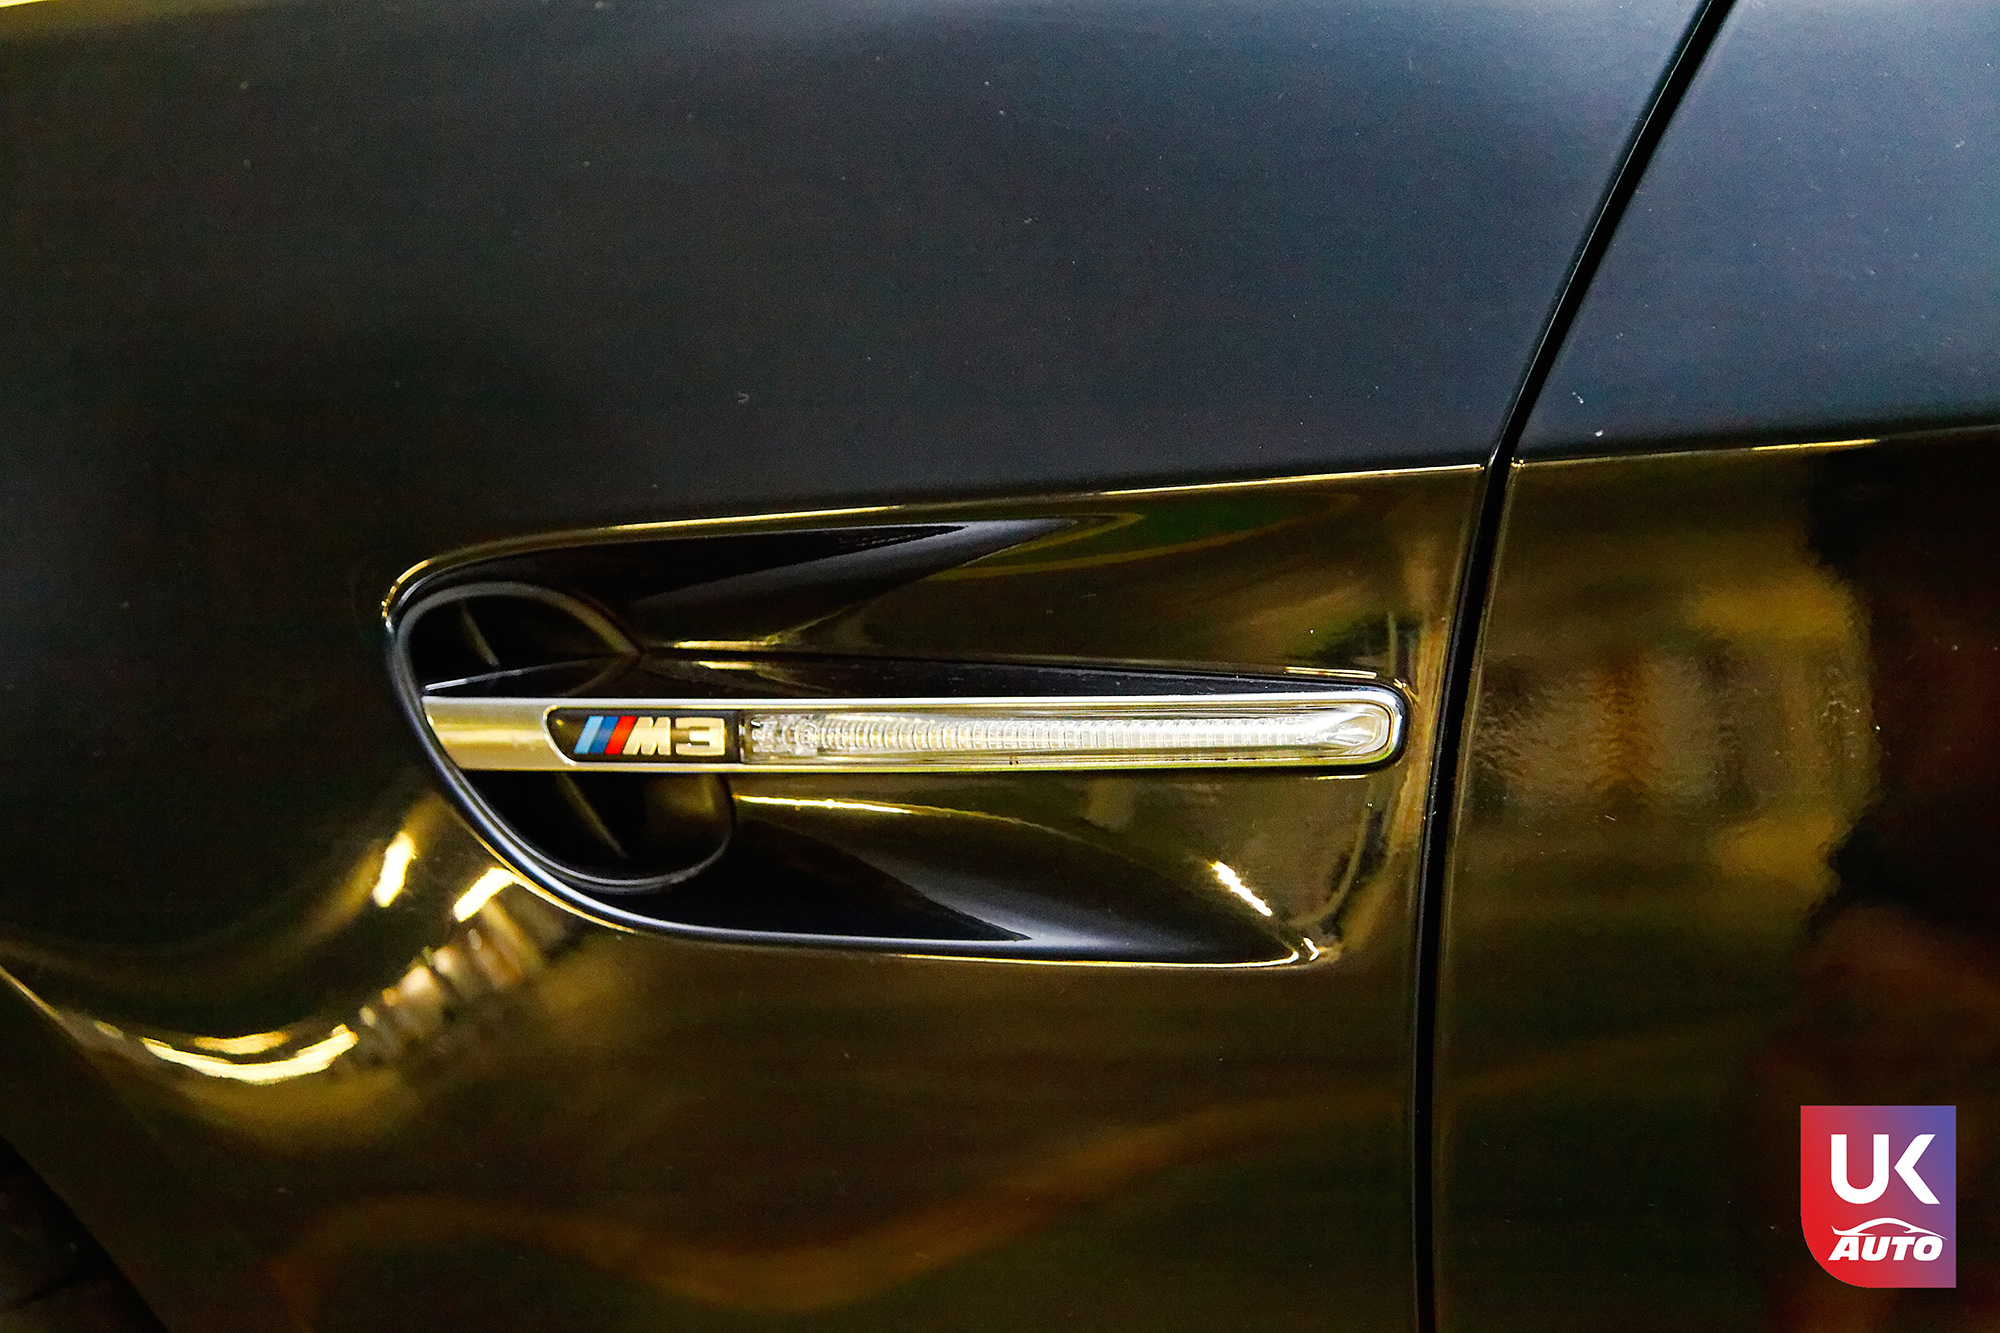 BMW m3 rhd ukauto importer voiture angleterre uk7 - Felecitation a Sylvain Pour cette BMW M3 E92 RHD pour avoir acheter une voiture en angleterre avant le brexit